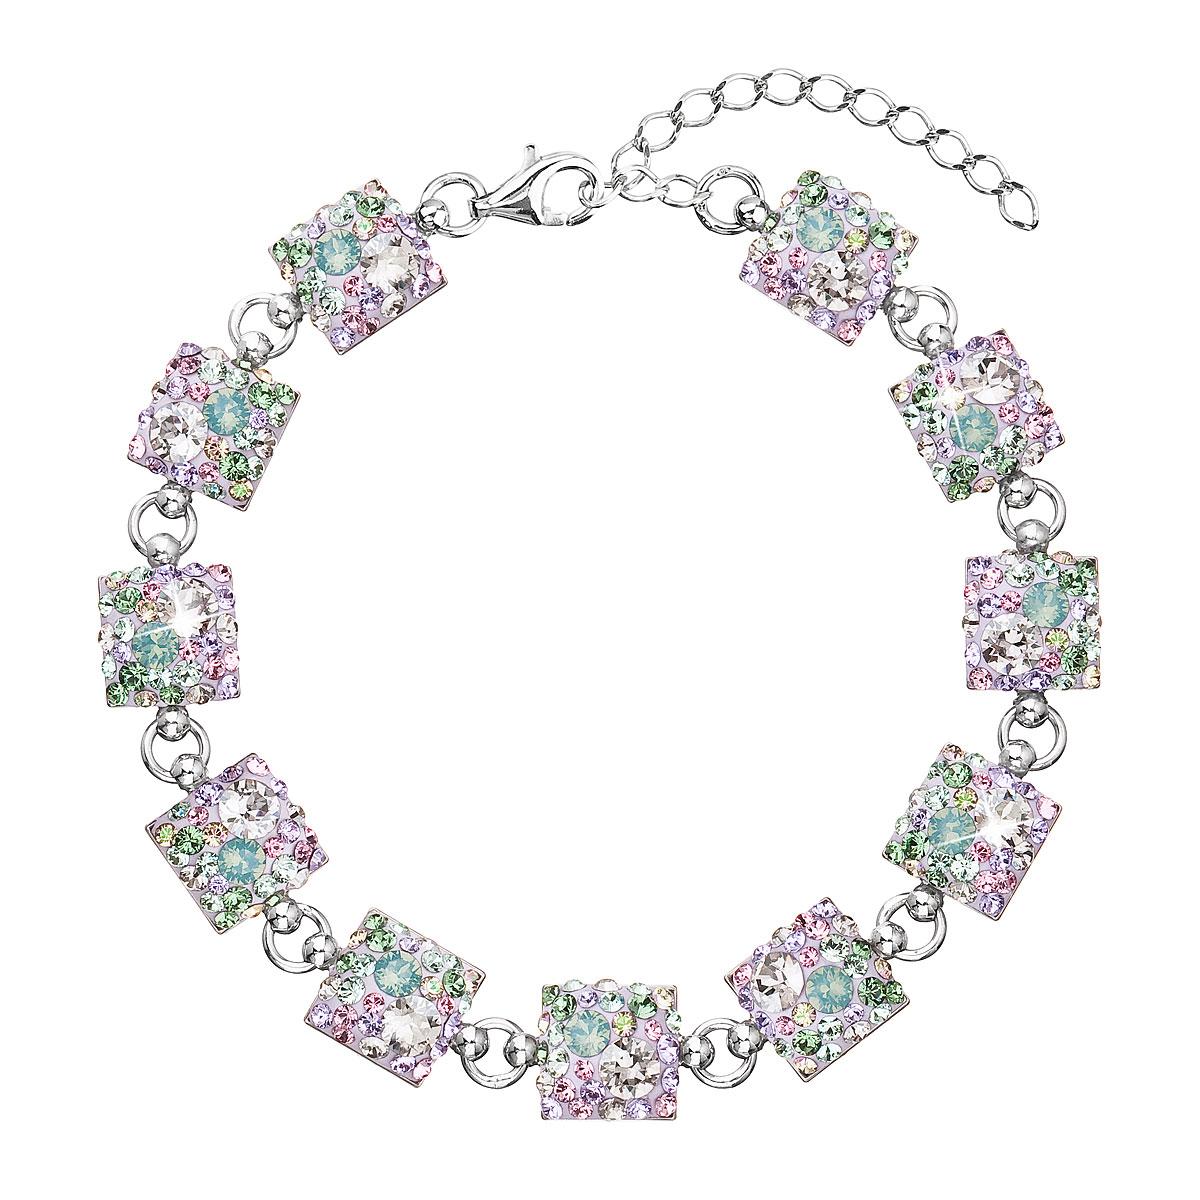 Stříbrný náramek se Swarovski krystaly mix barev 33047.3 sakura